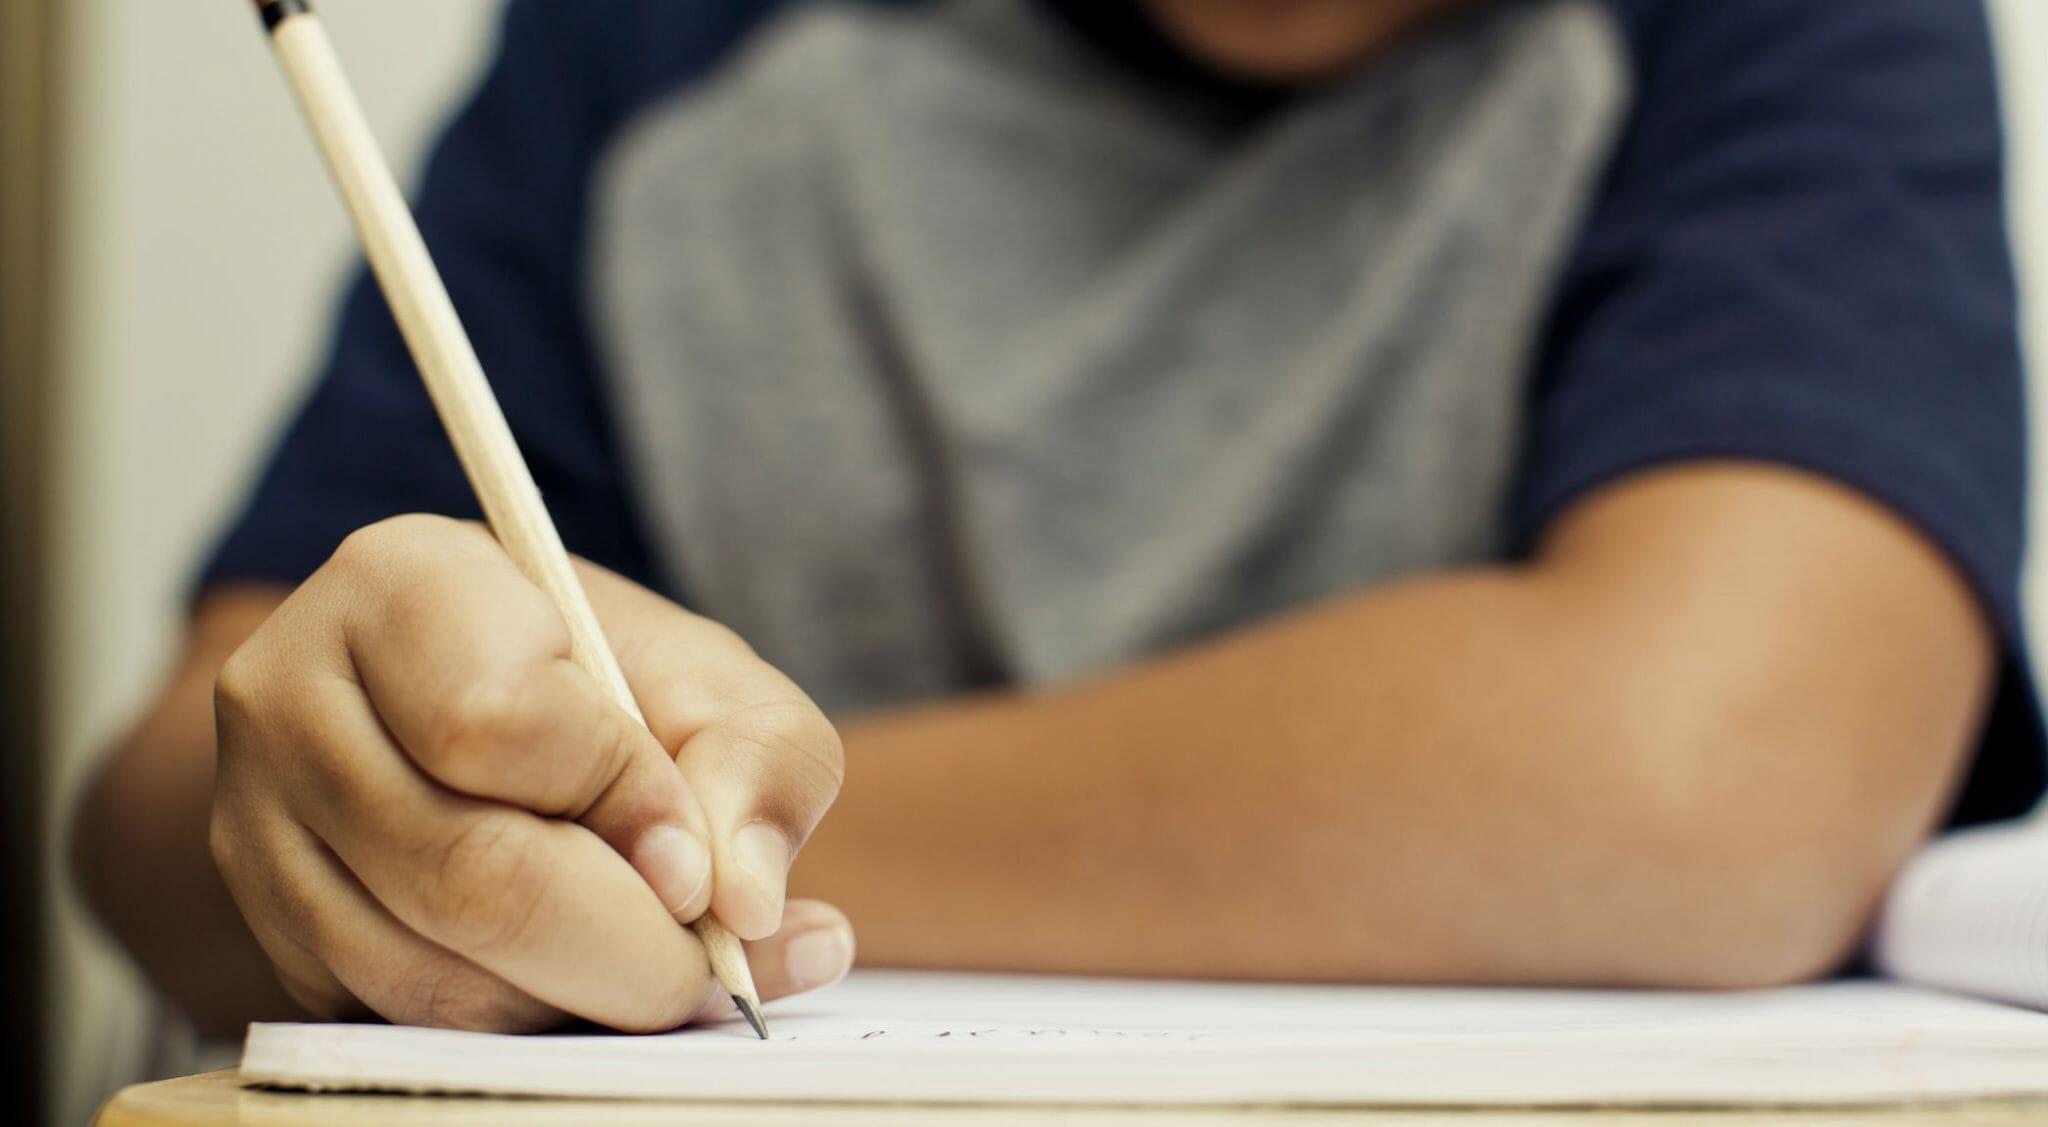 scrivere studenti scuola grammatica